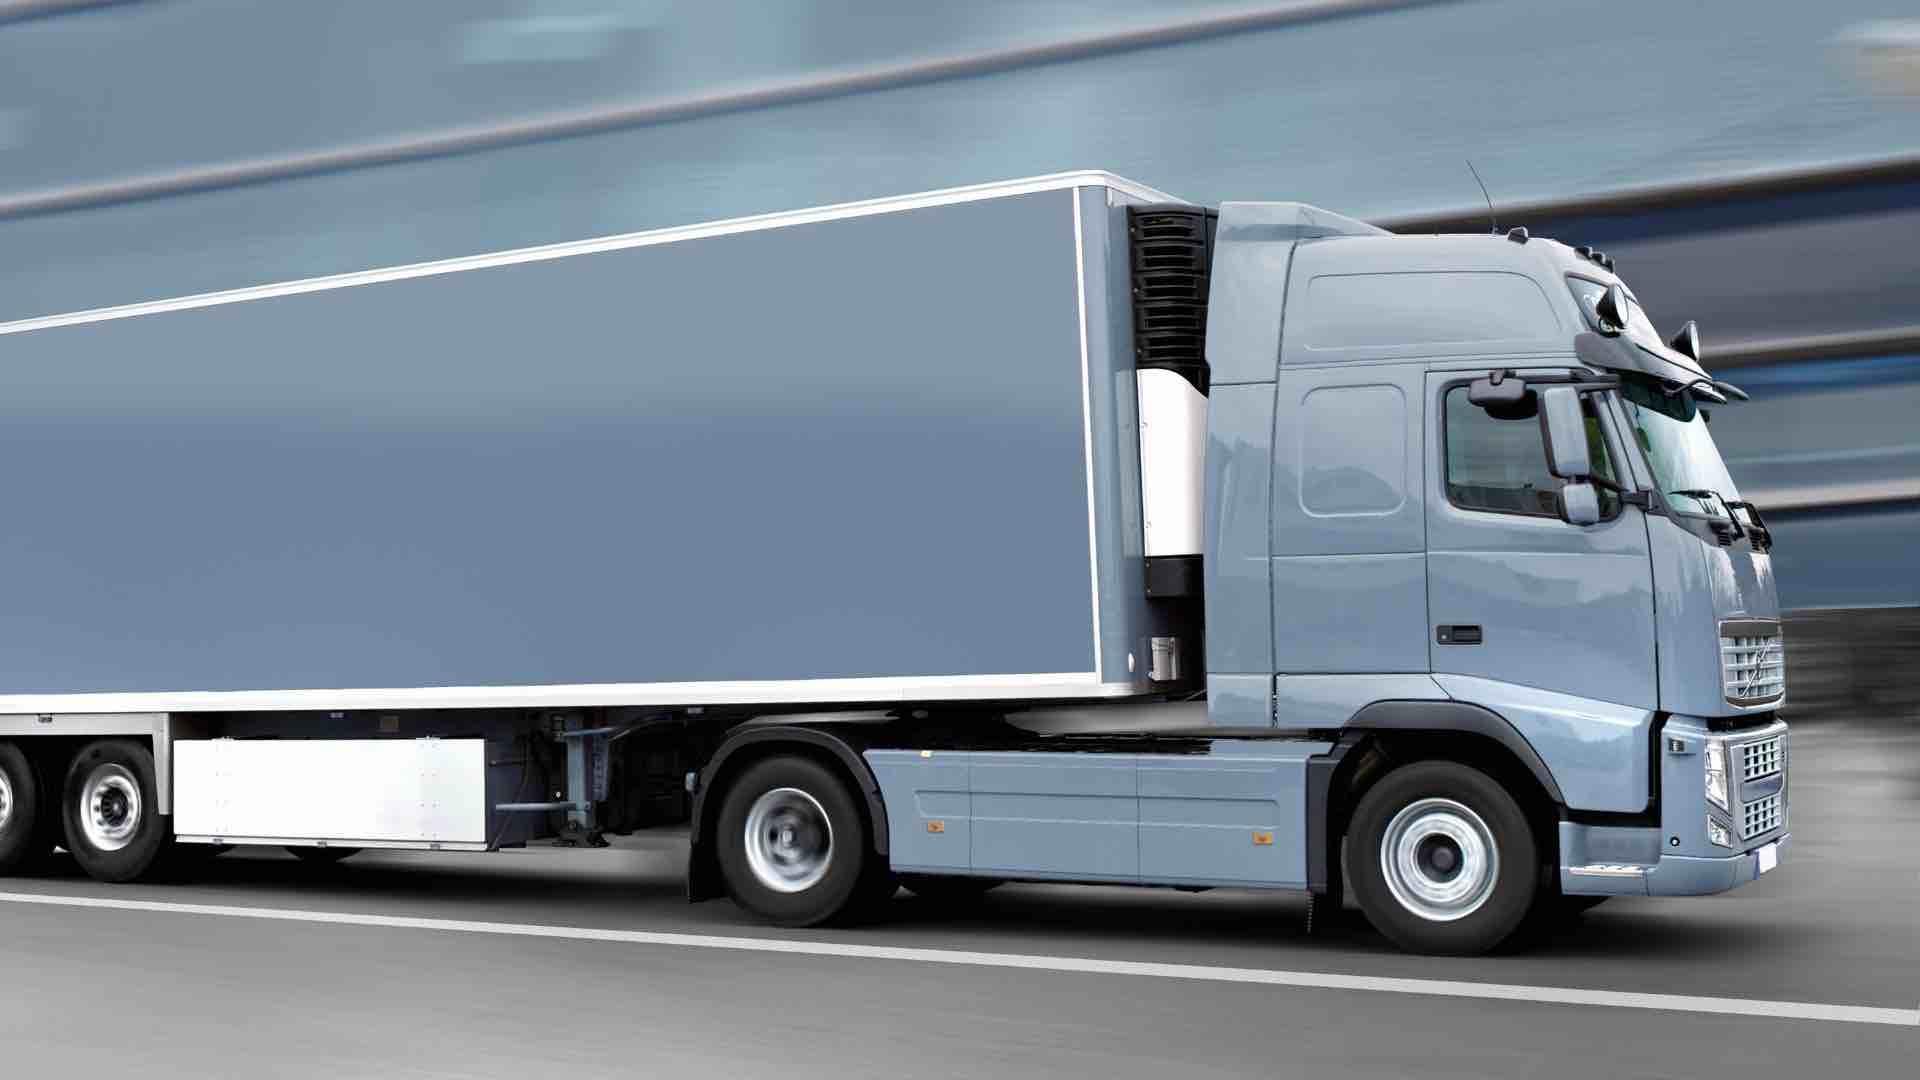 trasporto merci conto vs conto terzi analisi normativa v2